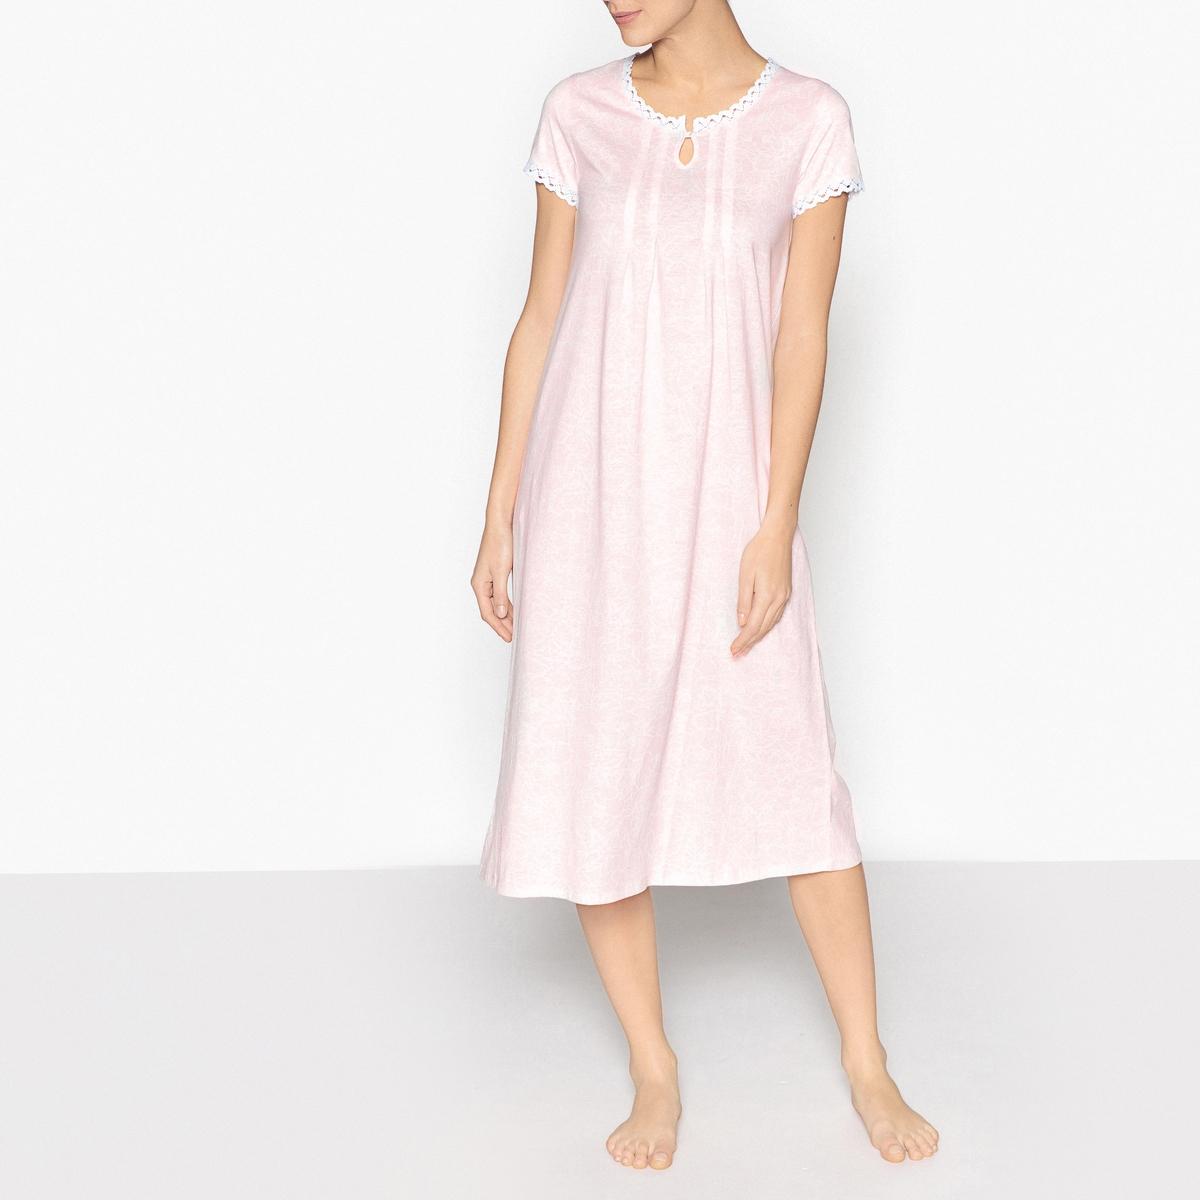 Сорочка ночная из кружева и чесаного хлопка